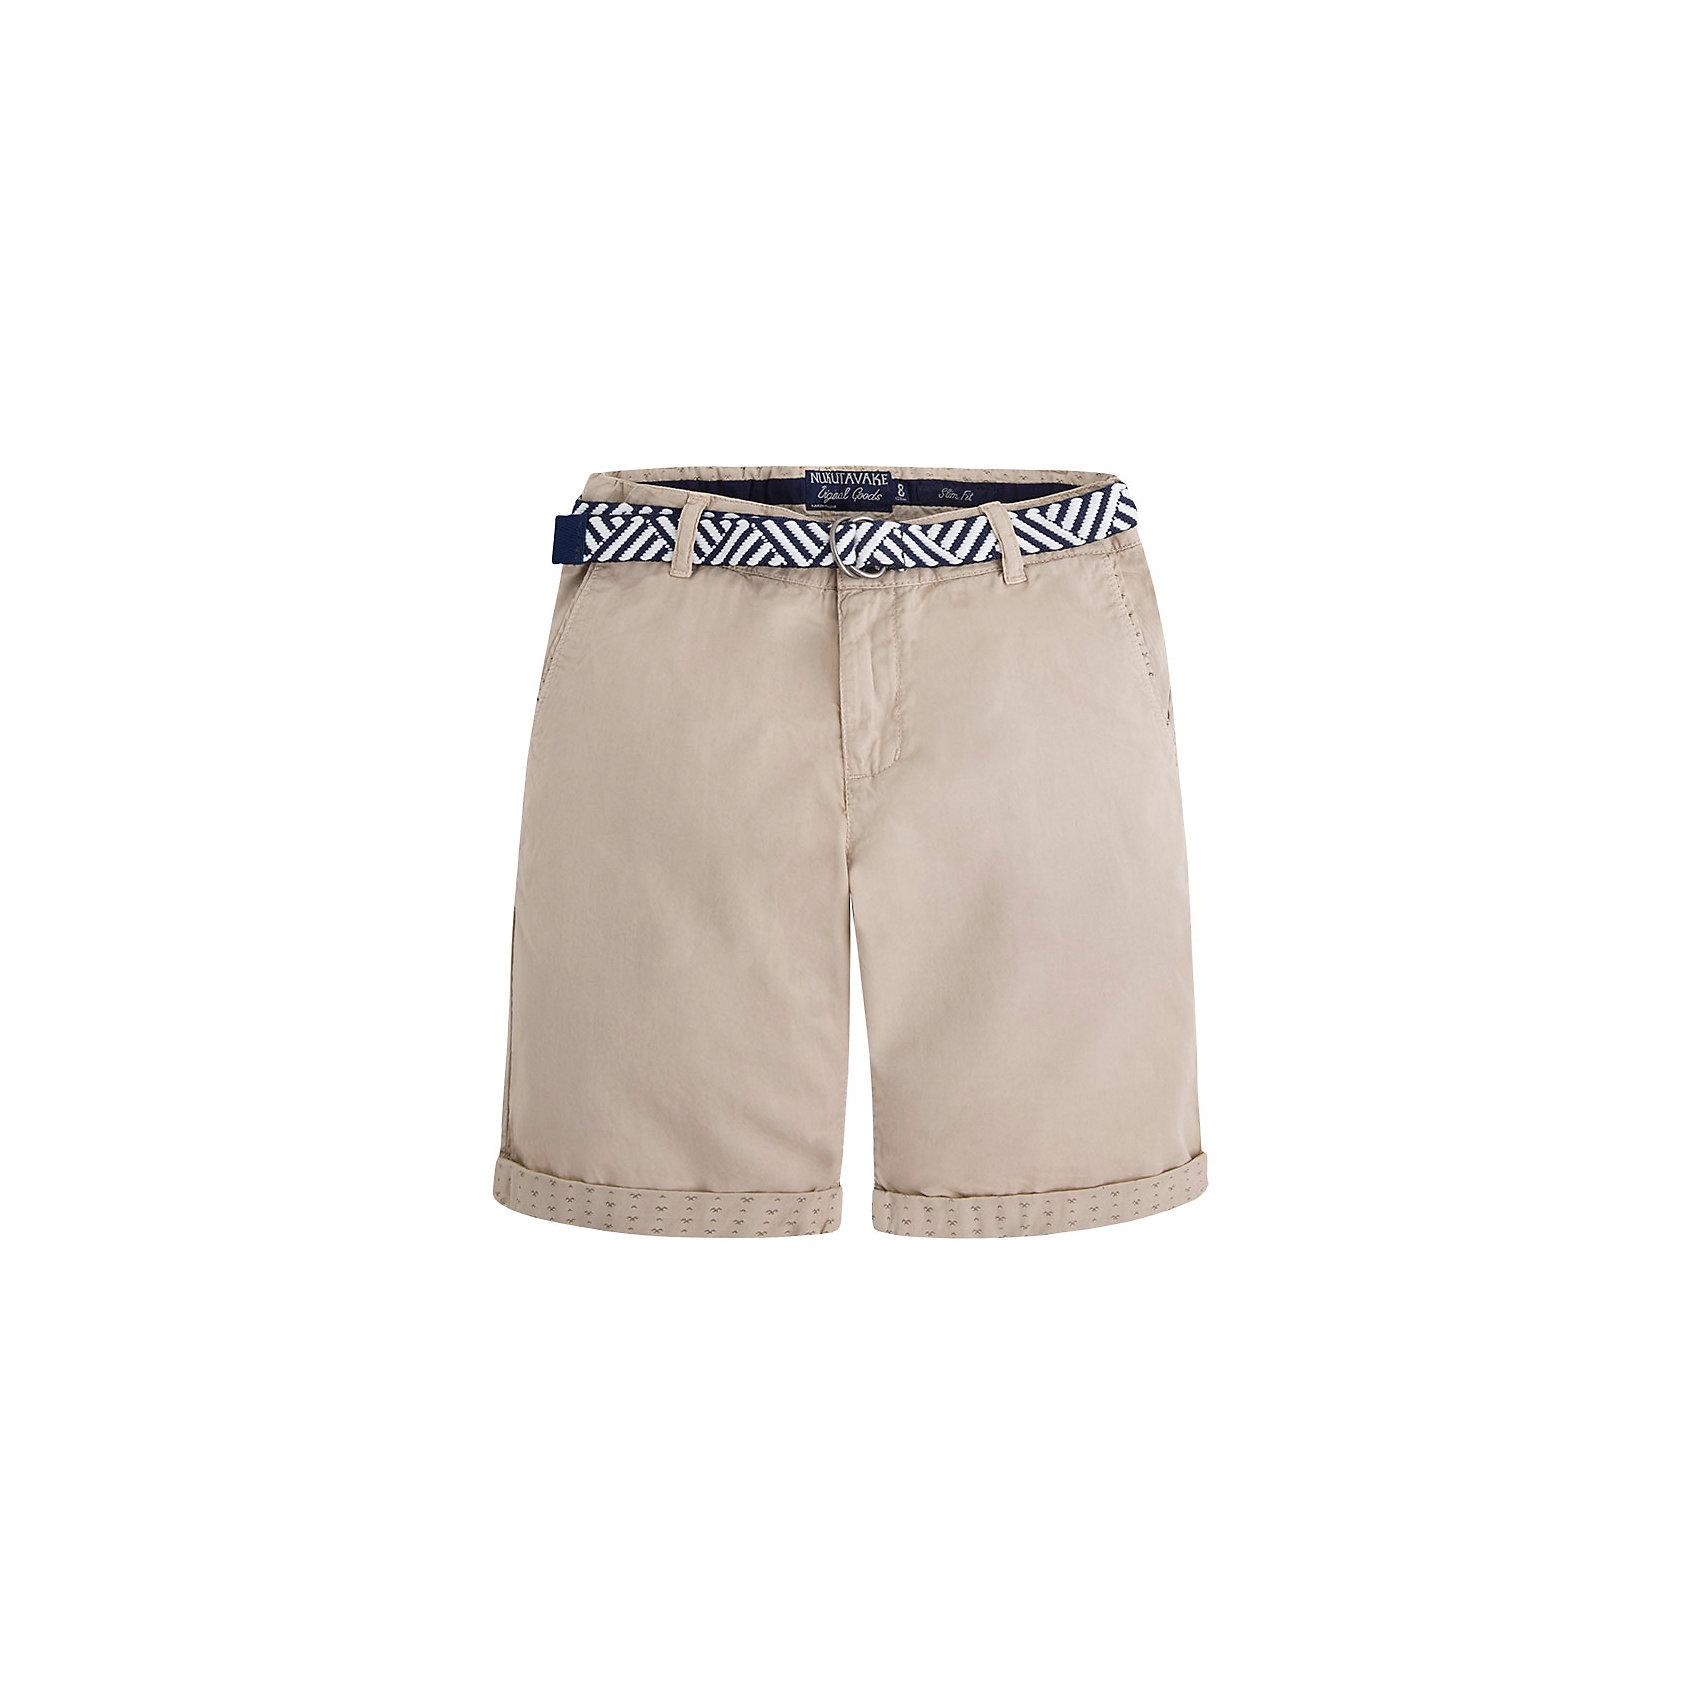 Шорты  для мальчика MayoralШорты  для мальчика от известной испанской марки Mayoral - прекрасный вариант для летнего гардероба юного модника. <br><br>Дополнительная информация:<br><br>- Текстильный пояс в комплекте.<br>- Прямой крой брючин.<br>- Тип застежки: молния, кнопка. <br>- 4 кармана (2 задних, 2 боковых).<br>- Задние карманы декорированы текстильными вставками. <br>- Стильные отвороты.<br>- Регулировка на талии с помощью внутренней резинки.  <br>- Состав: 100 % хлопок.<br><br>Шорты  для мальчика Mayoral (Майорал) можно купить в нашем магазине.<br><br>Ширина мм: 191<br>Глубина мм: 10<br>Высота мм: 175<br>Вес г: 273<br>Цвет: бежевый<br>Возраст от месяцев: 84<br>Возраст до месяцев: 96<br>Пол: Мужской<br>Возраст: Детский<br>Размер: 128,152,164,158,140<br>SKU: 4538372